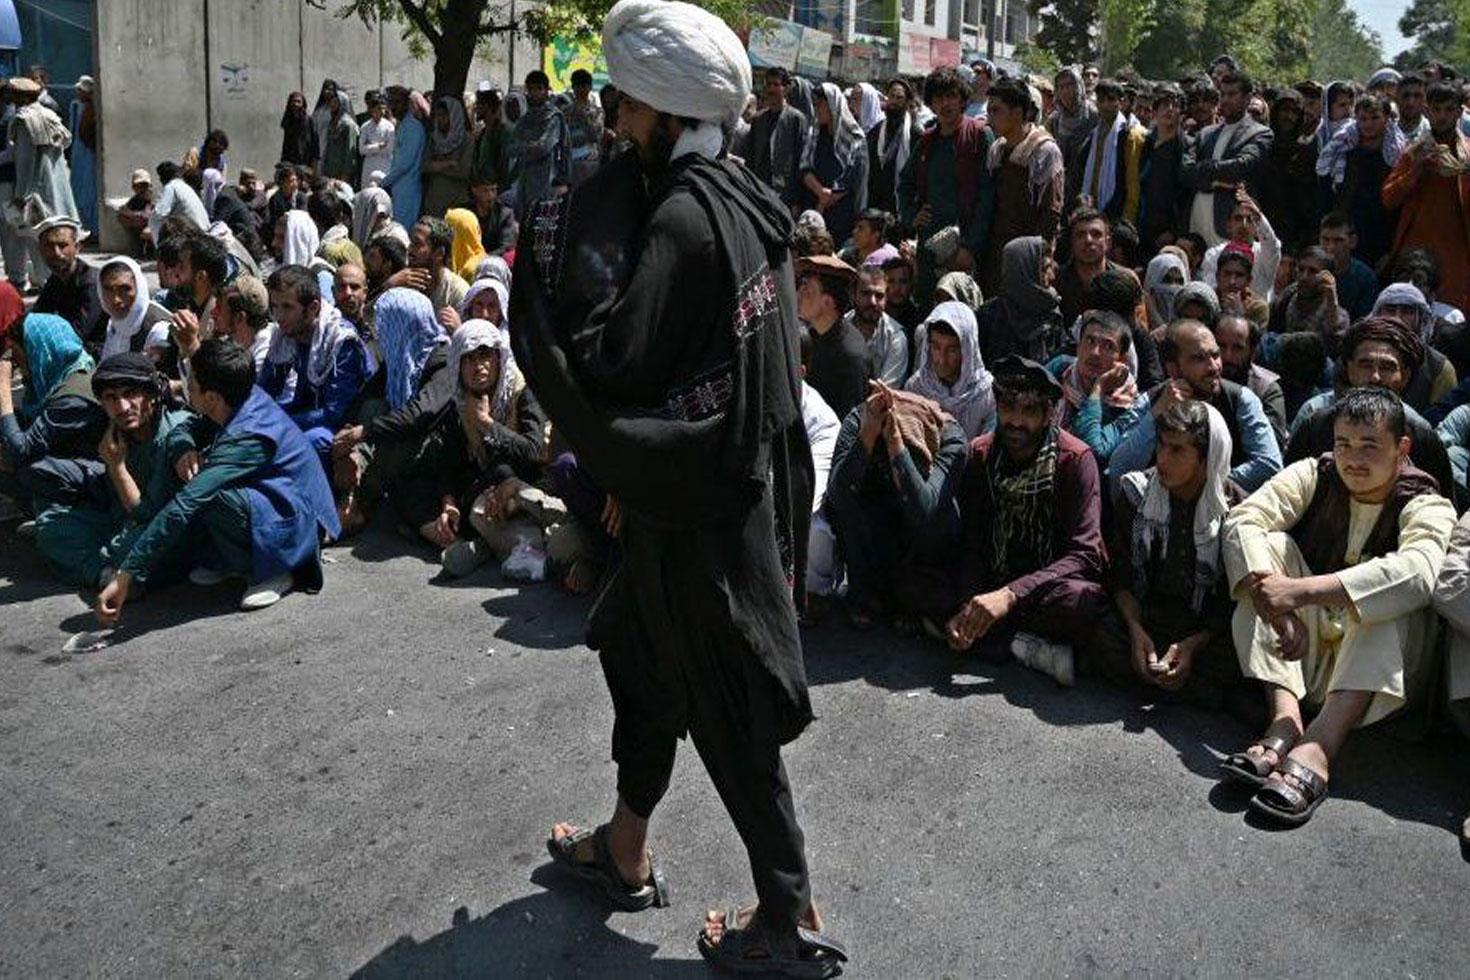 ভেঙে পড়েছে আফগানিস্তানের ব্যাংকিংব্যবস্থা